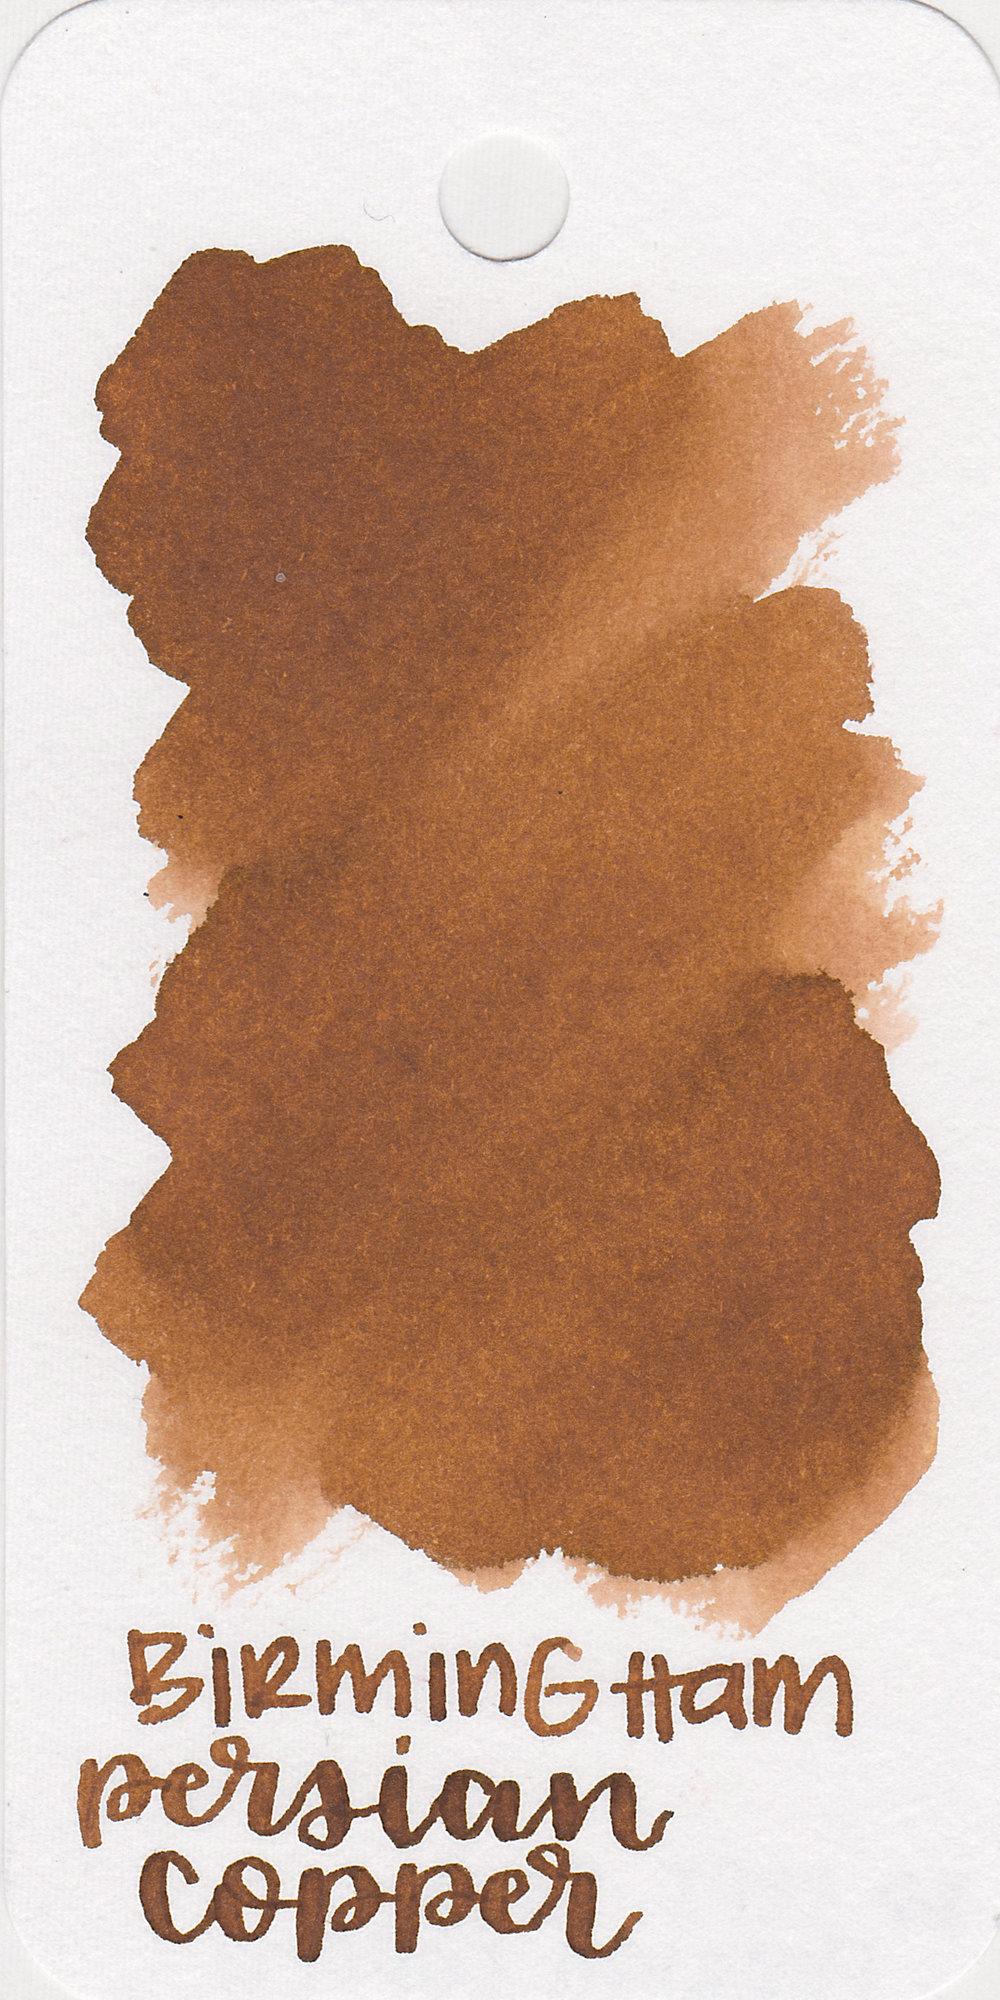 bp-persian-copper-1.jpg